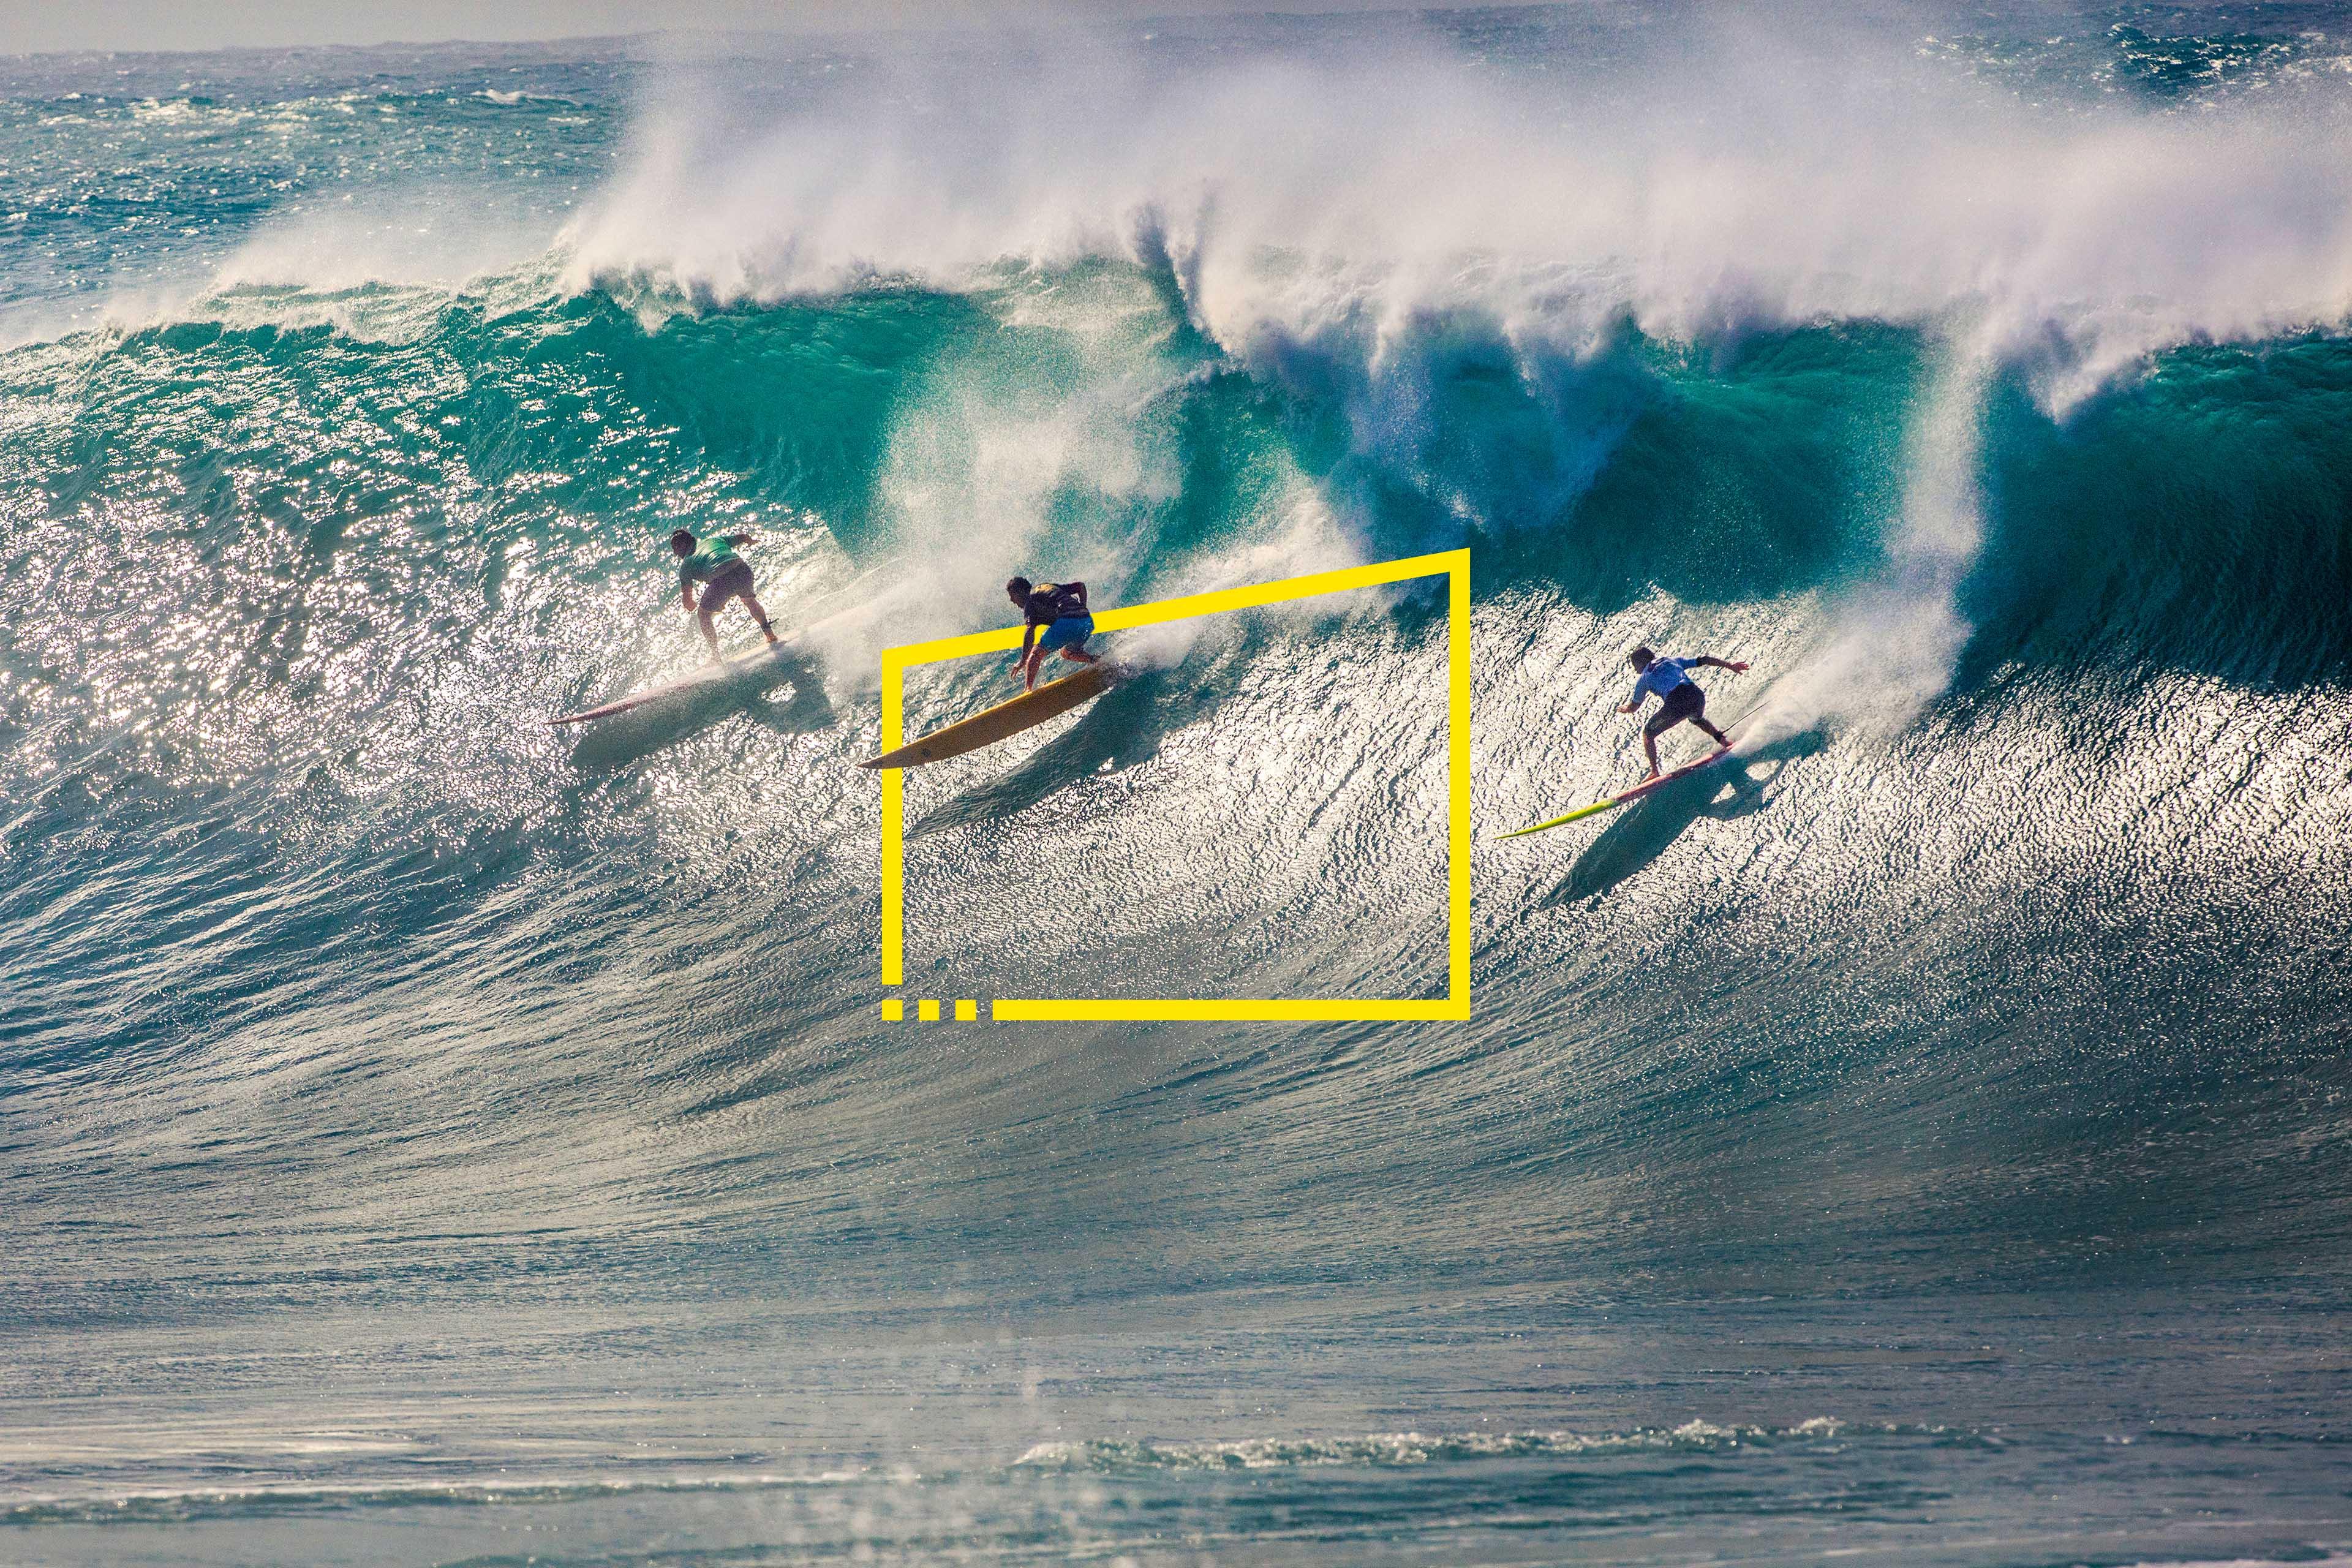 серфери, які змагаються на змаганнях із серфінгу Waimea Bay